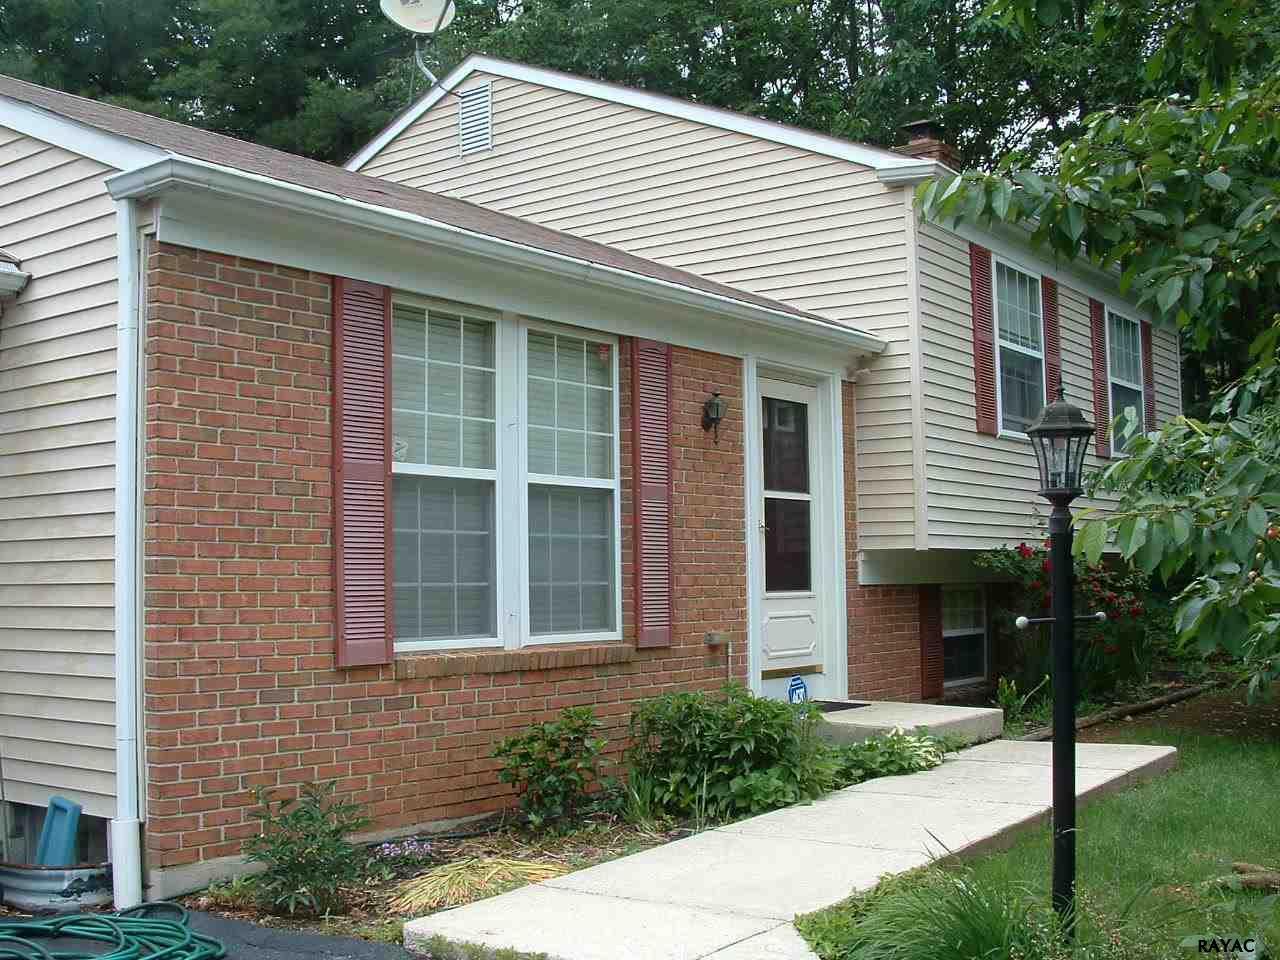 279 Oakbrook Dr, Felton, PA 17322